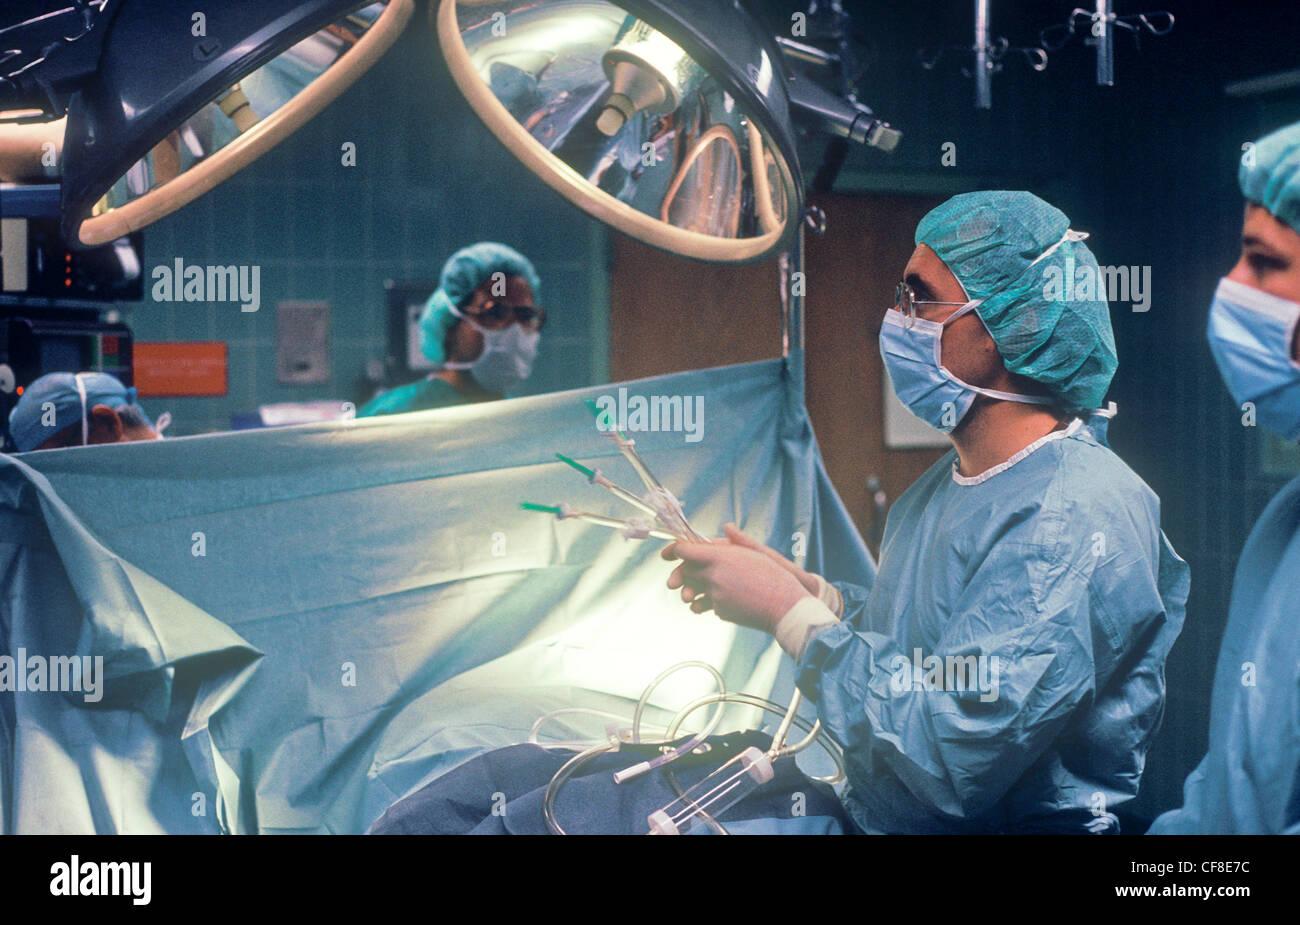 Un chirurgien d'effectuer la chirurgie sur un patient dans la salle d'opération. Photo Stock